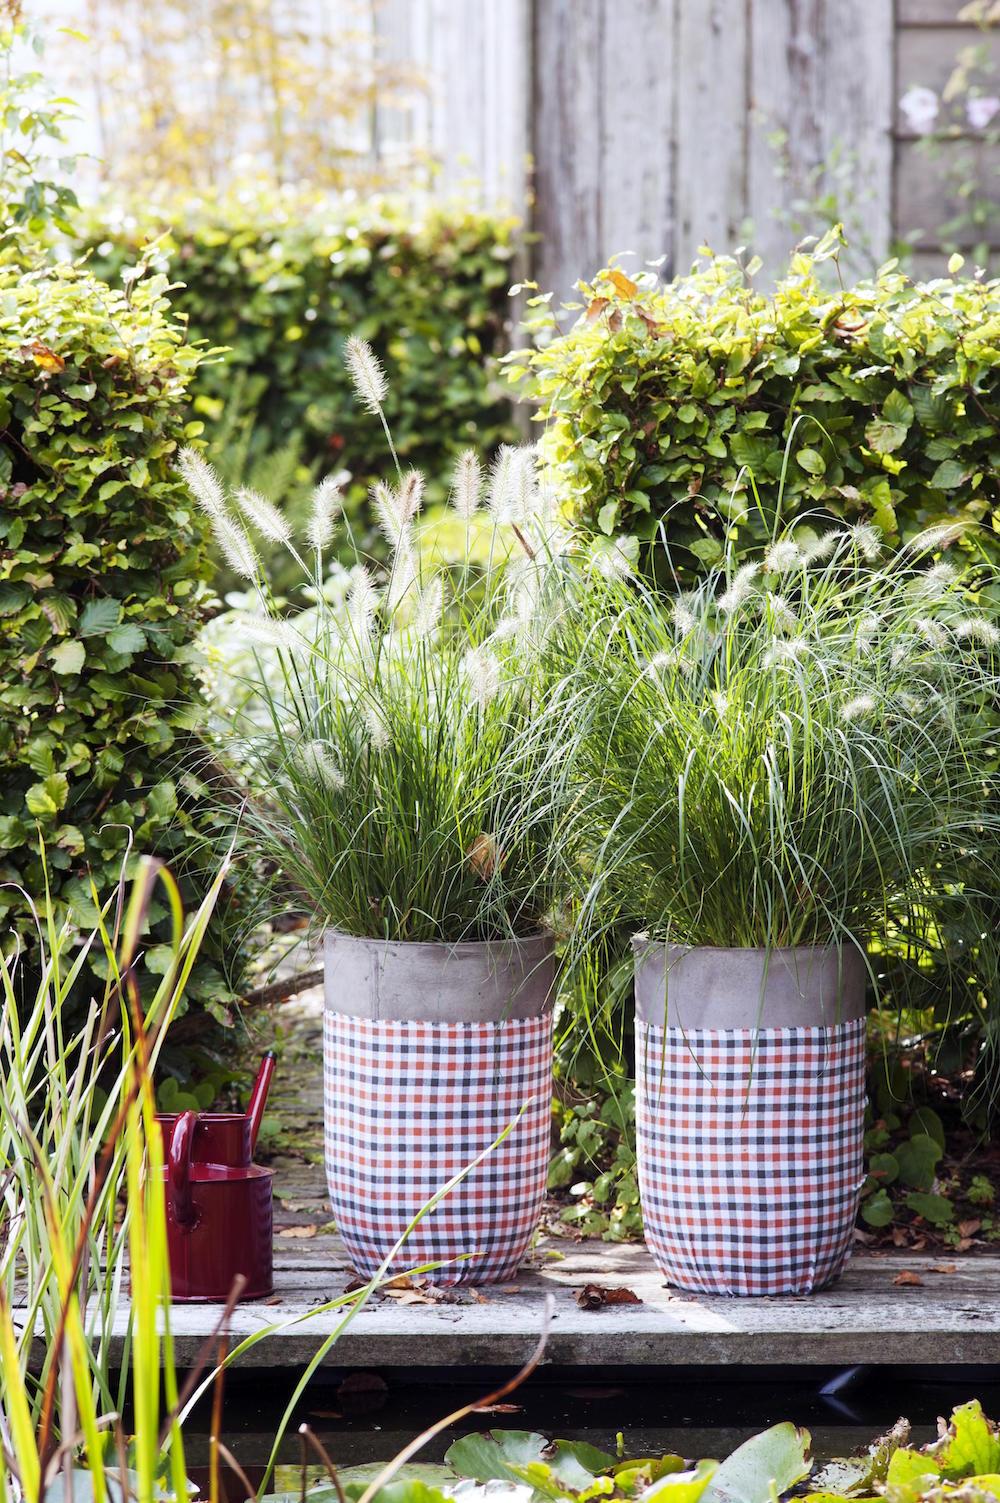 Tuinplanten die een positieve en kalmerende invloed hebben #tuinplanten #tuin #balkon #mooiwatplantendoen #siergrassen